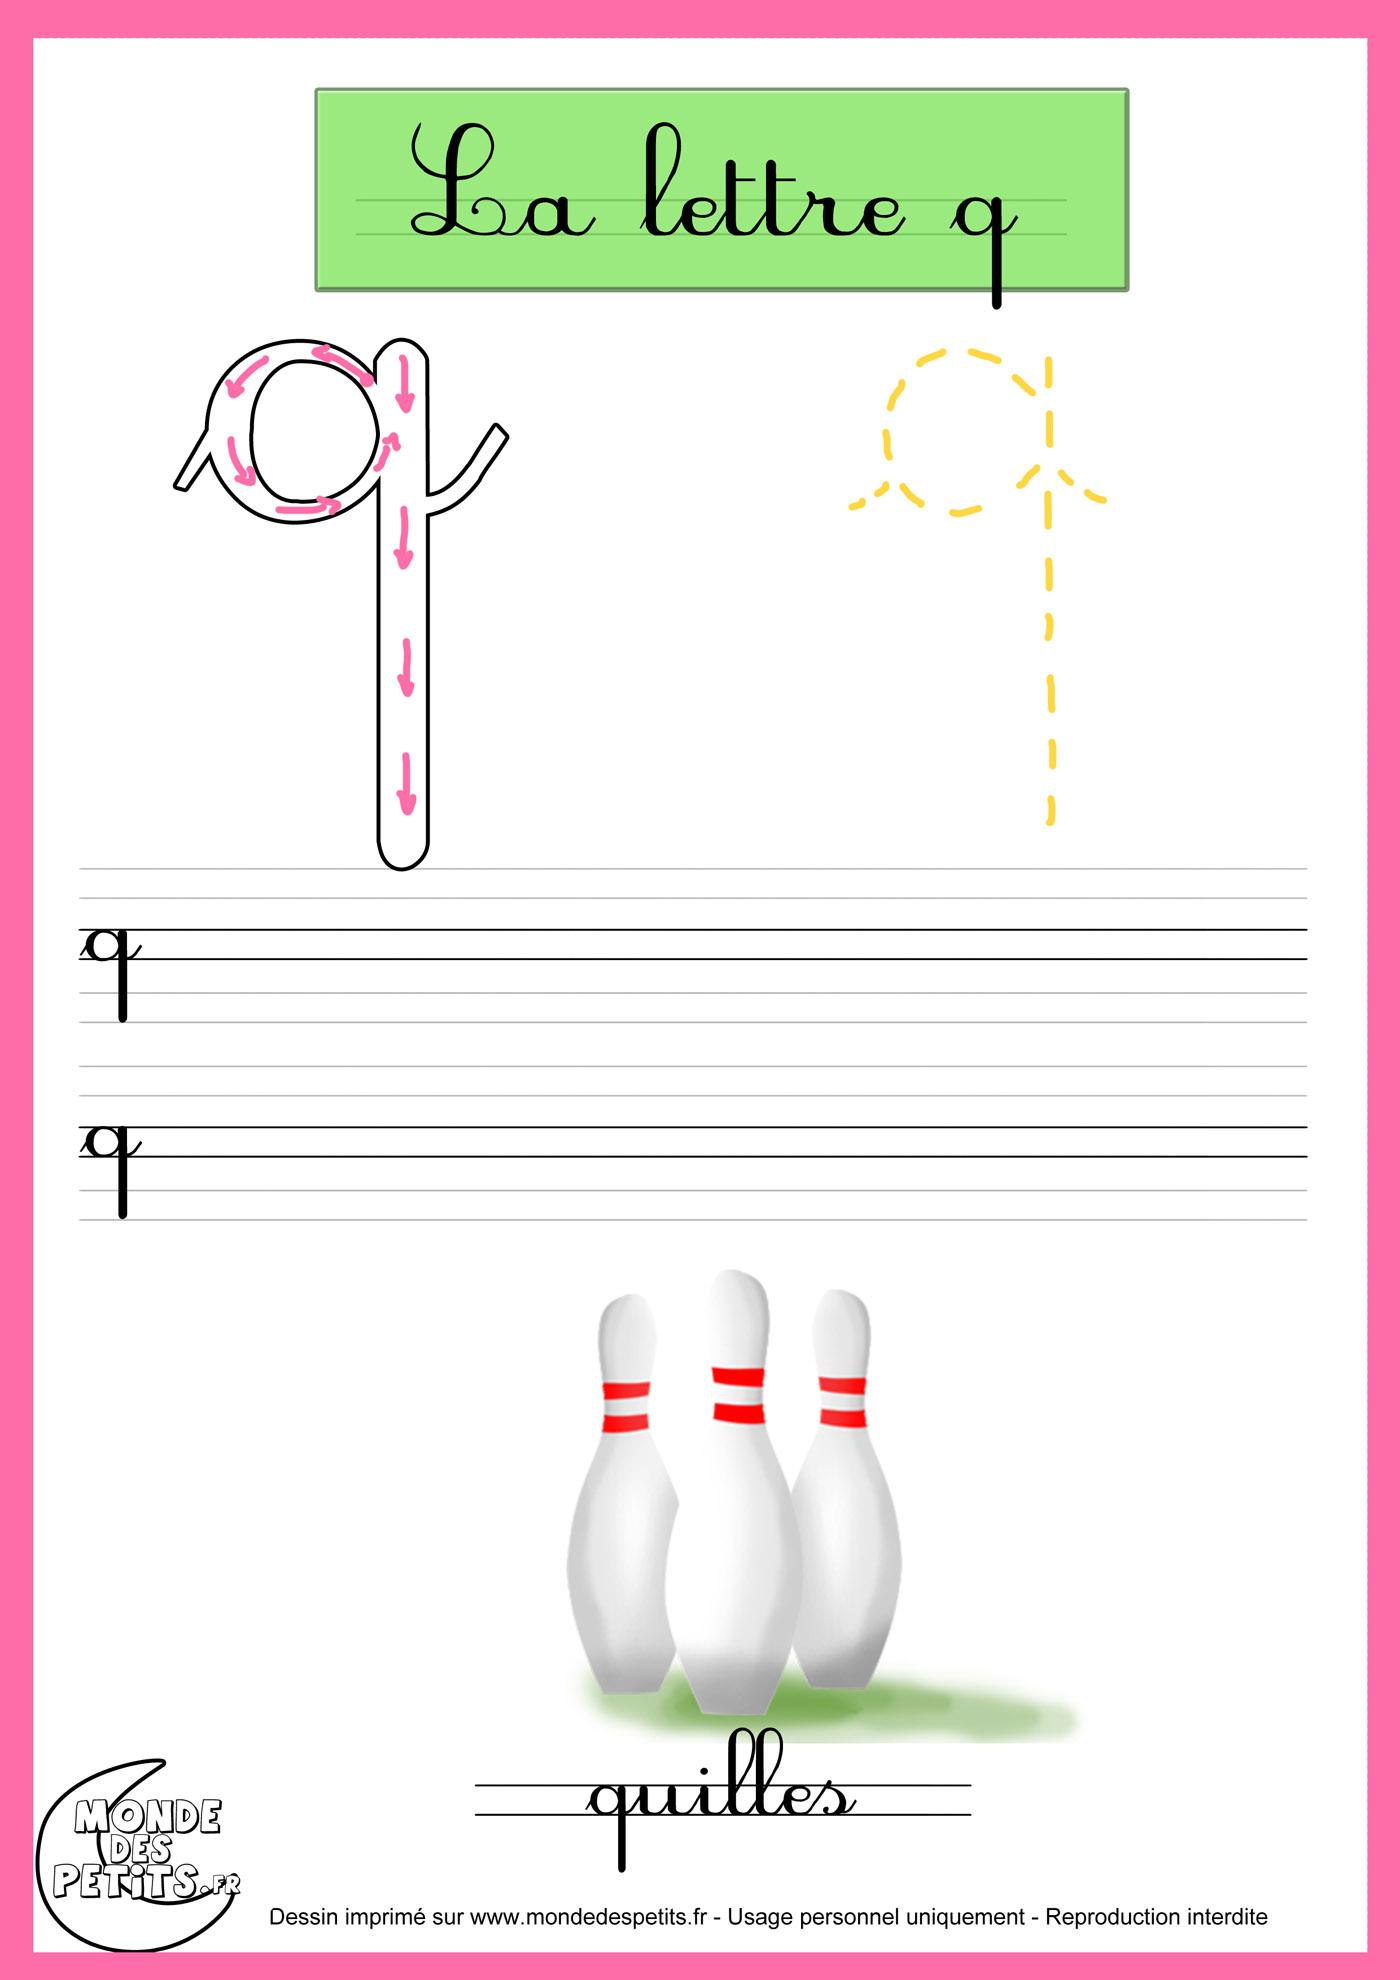 lettre q en attaché Monde des petits   Fiches lettre q en attaché